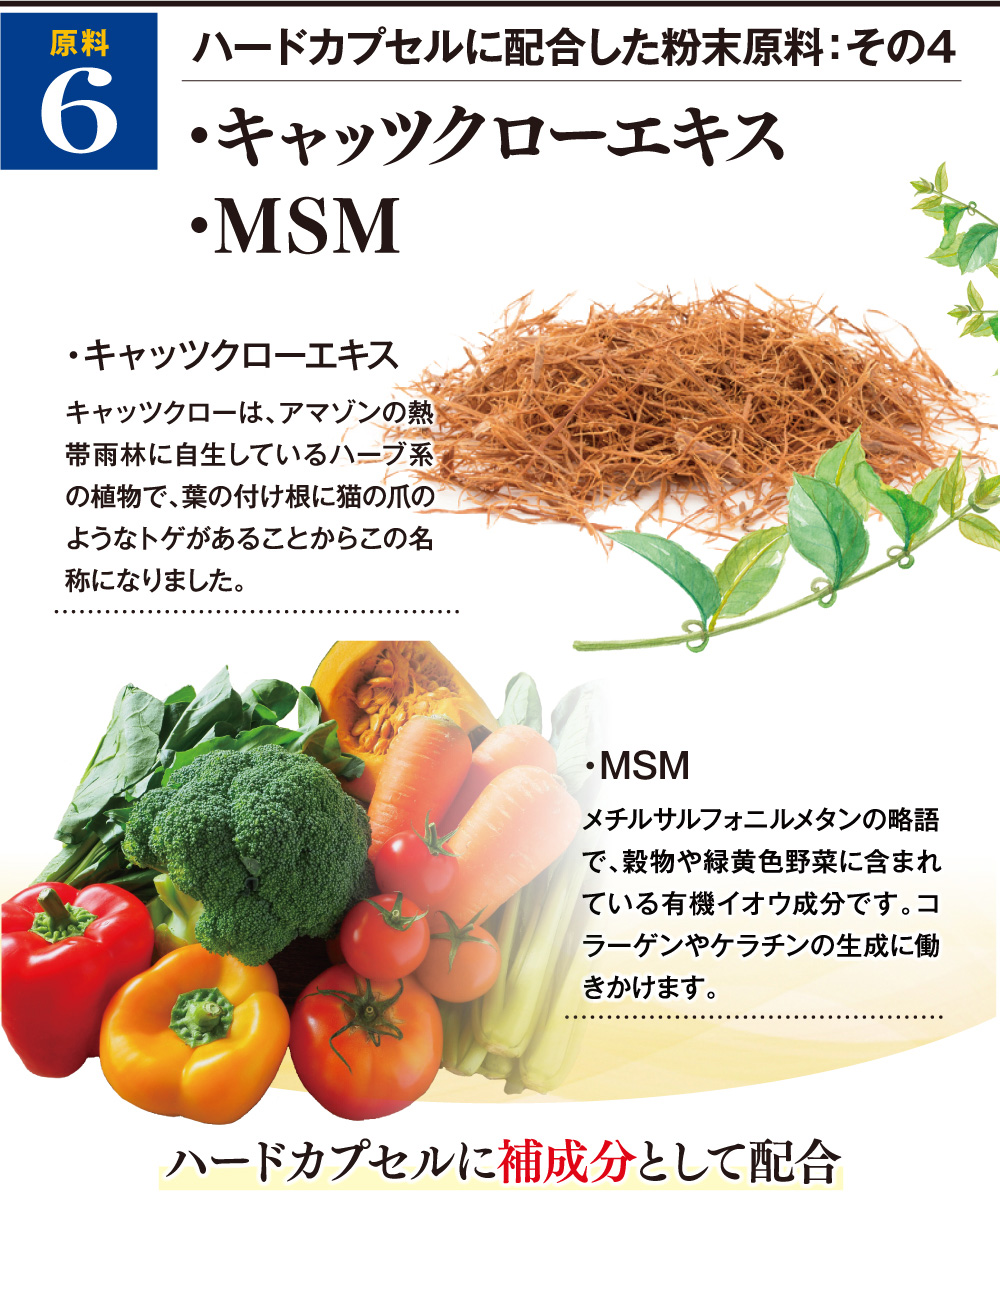 ハードカプセルに配合した粉末原料:その4 ・キャッツクローエキス(キャッツクローは、アマゾンの熱帯雨林に自生しているハーブ系の植物で、葉の付け根に猫の爪のようなトゲがあることからこの名称になりました。)・MSM(メチルサルフォニルメタンの略語で、穀物や緑黄色野菜に含まれている有機イオウ成分です。コラーゲンやケラチンの生成に働きかけます。)ハードカプセルに補成分として配合